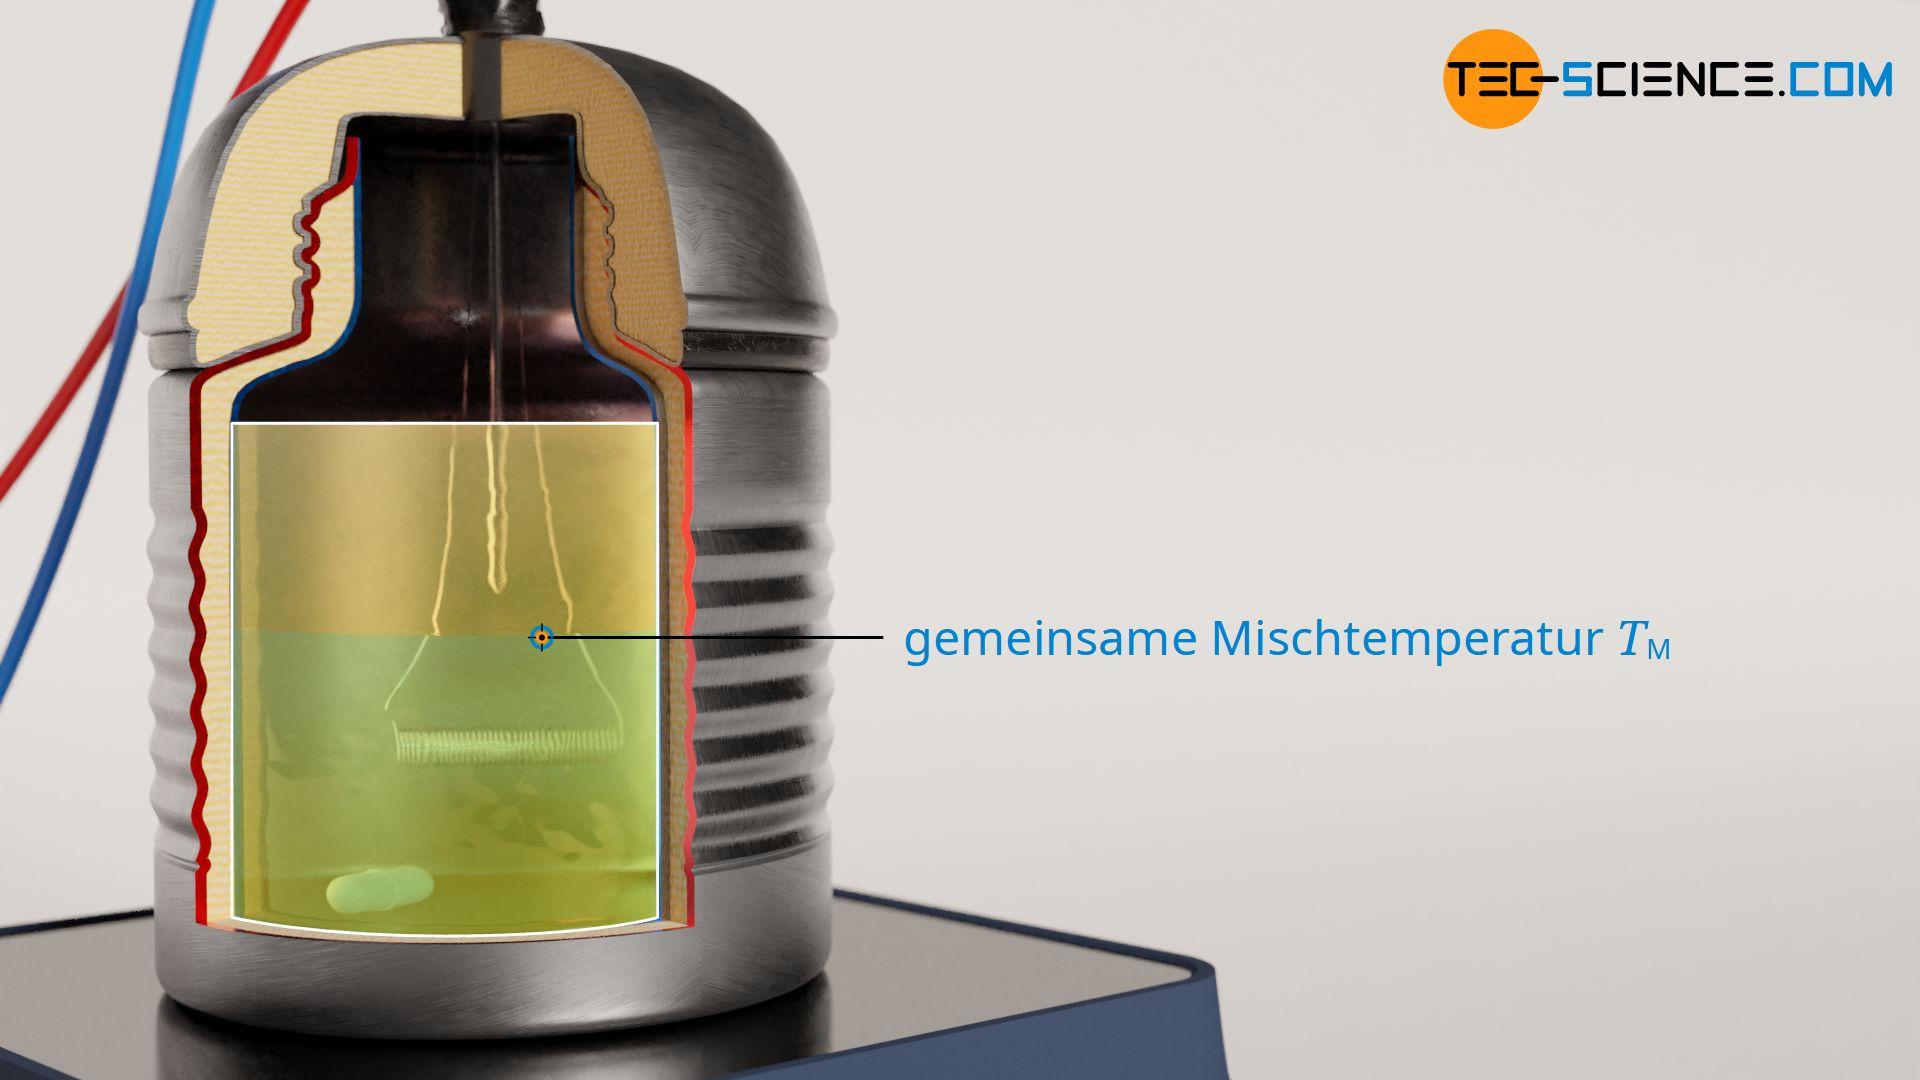 Bestimmung der Wärmekapazität eines Kalorimeters (Wasserwert) anhand der Mischtemperatur